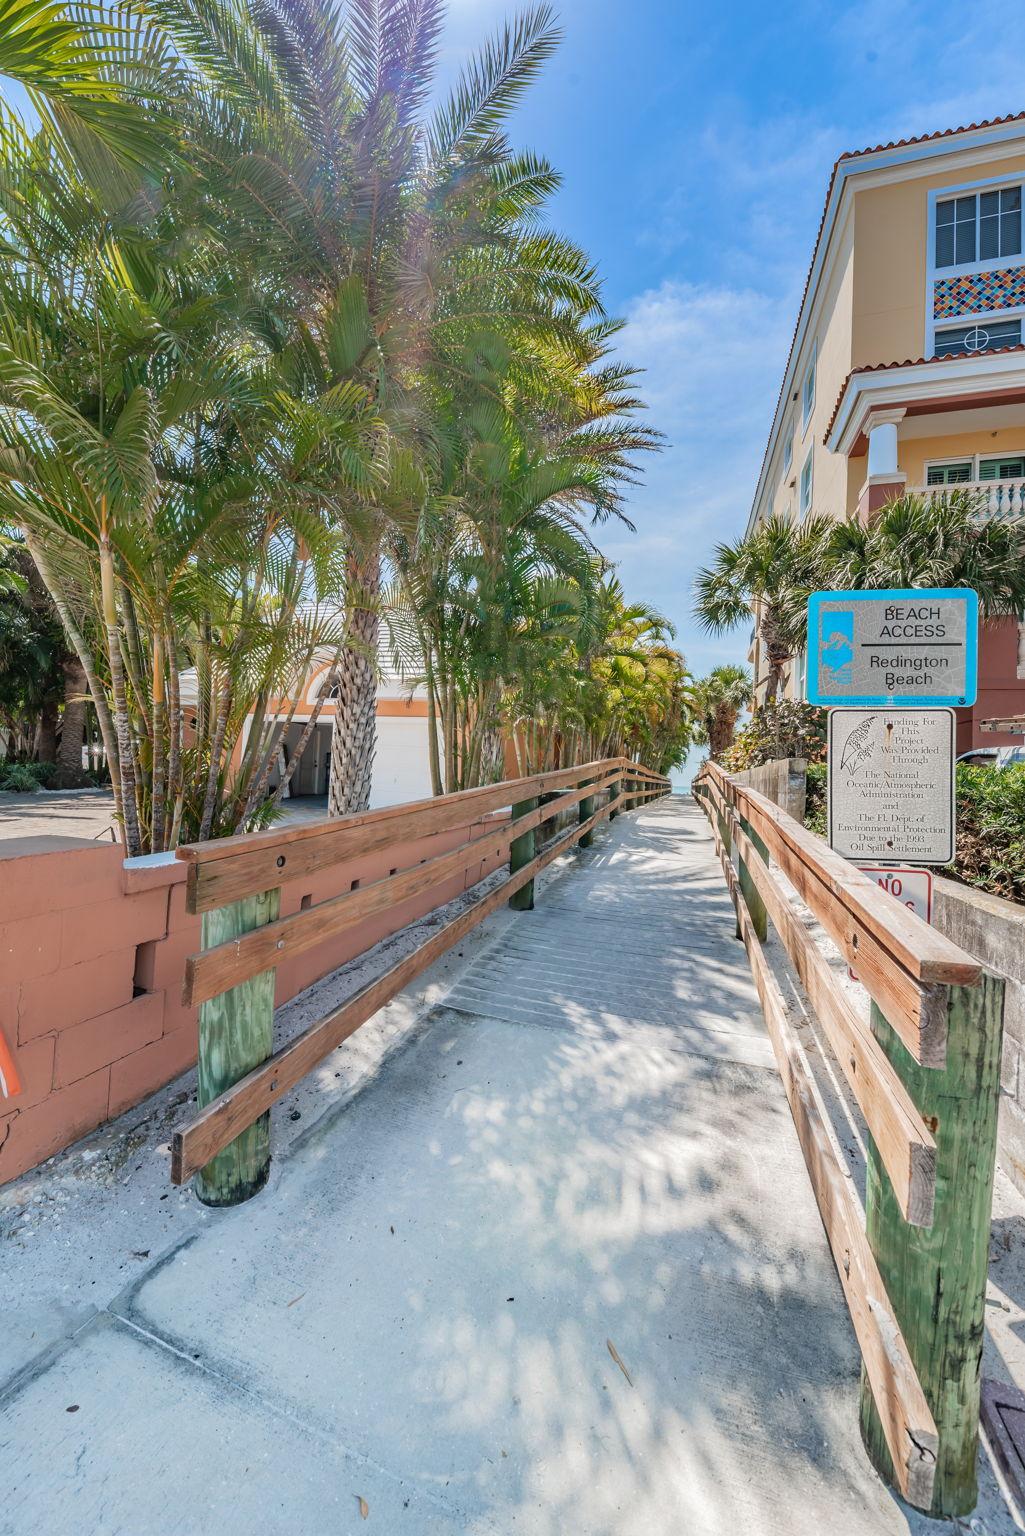 1-Redington Beach Access - 163rd St